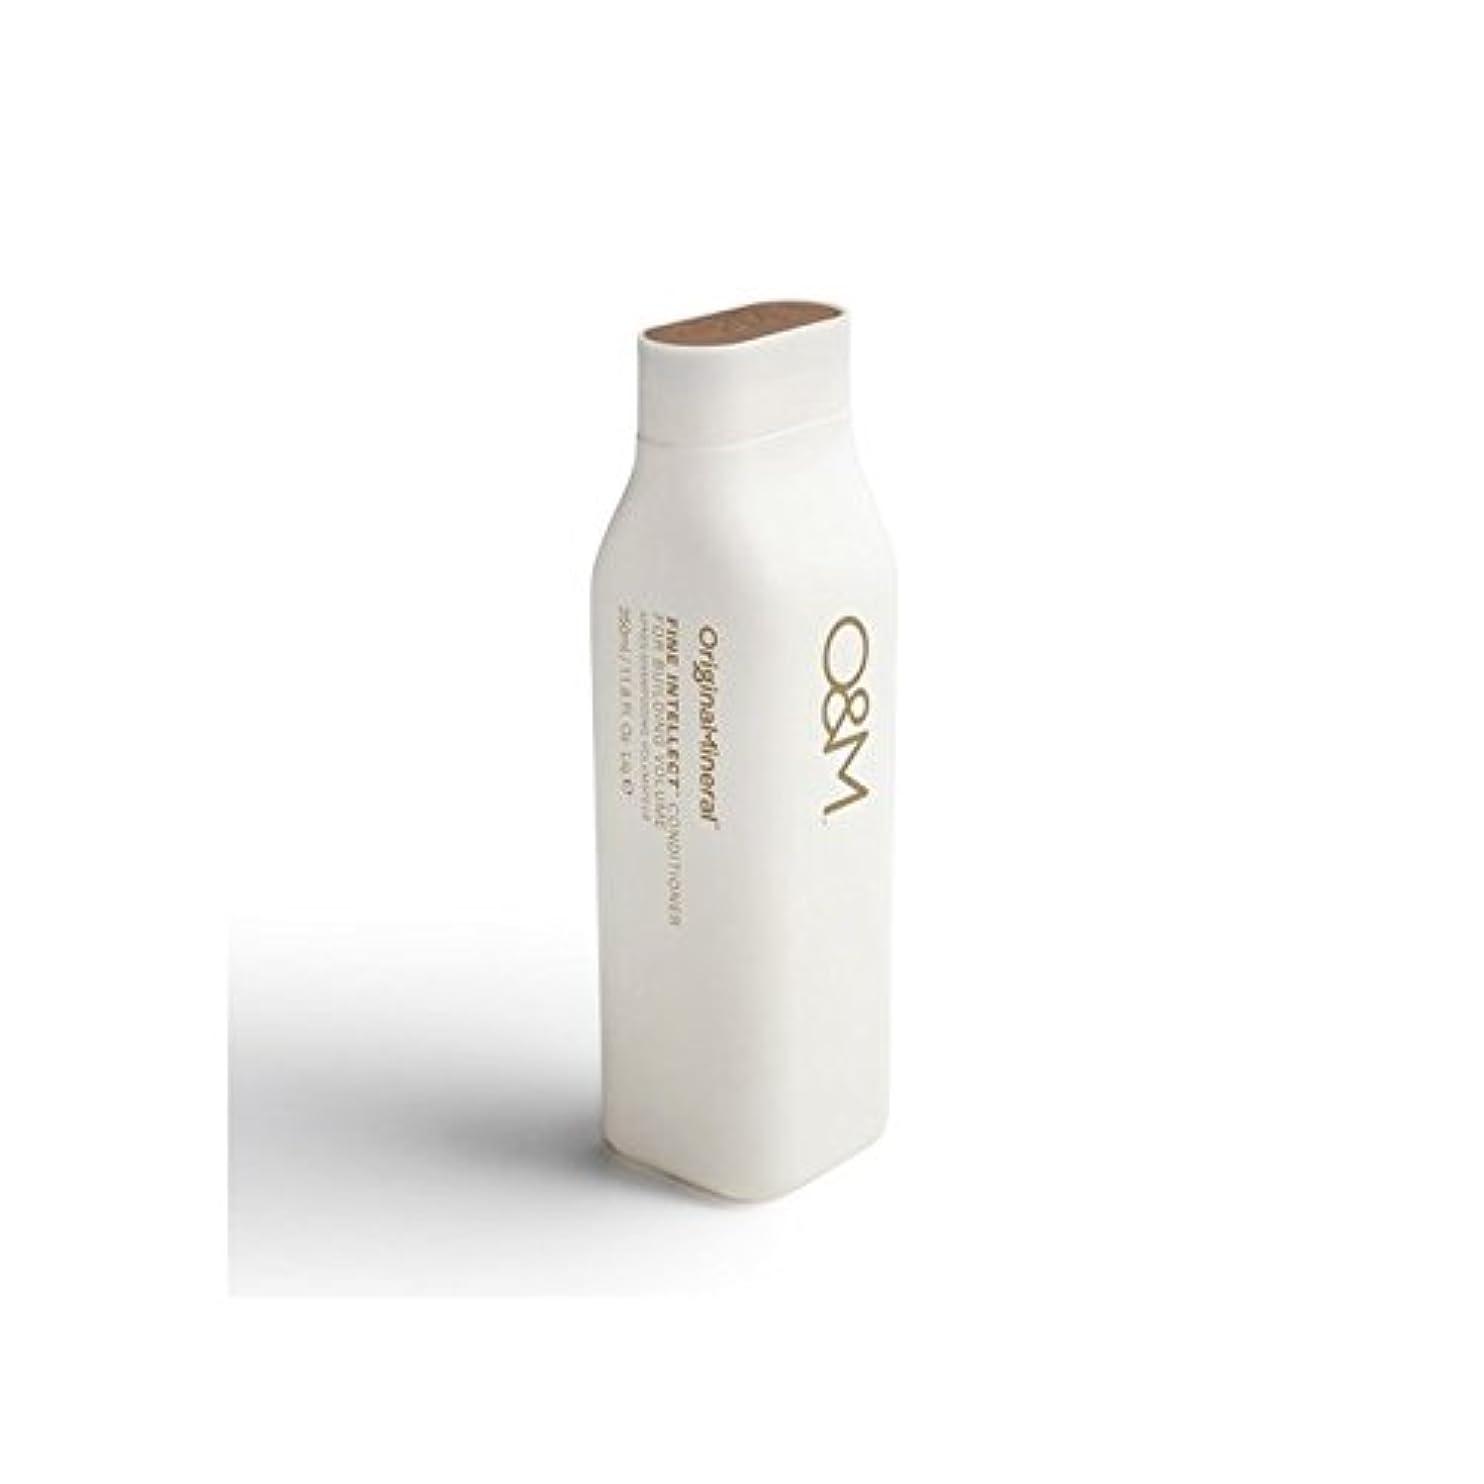 アンティークチャンピオンシップ評価Original & Mineral Fine Intellect Conditioner (350ml) (Pack of 6) - オリジナル&ミネラル細かい知性コンディショナー(350ミリリットル) x6 [並行輸入品]